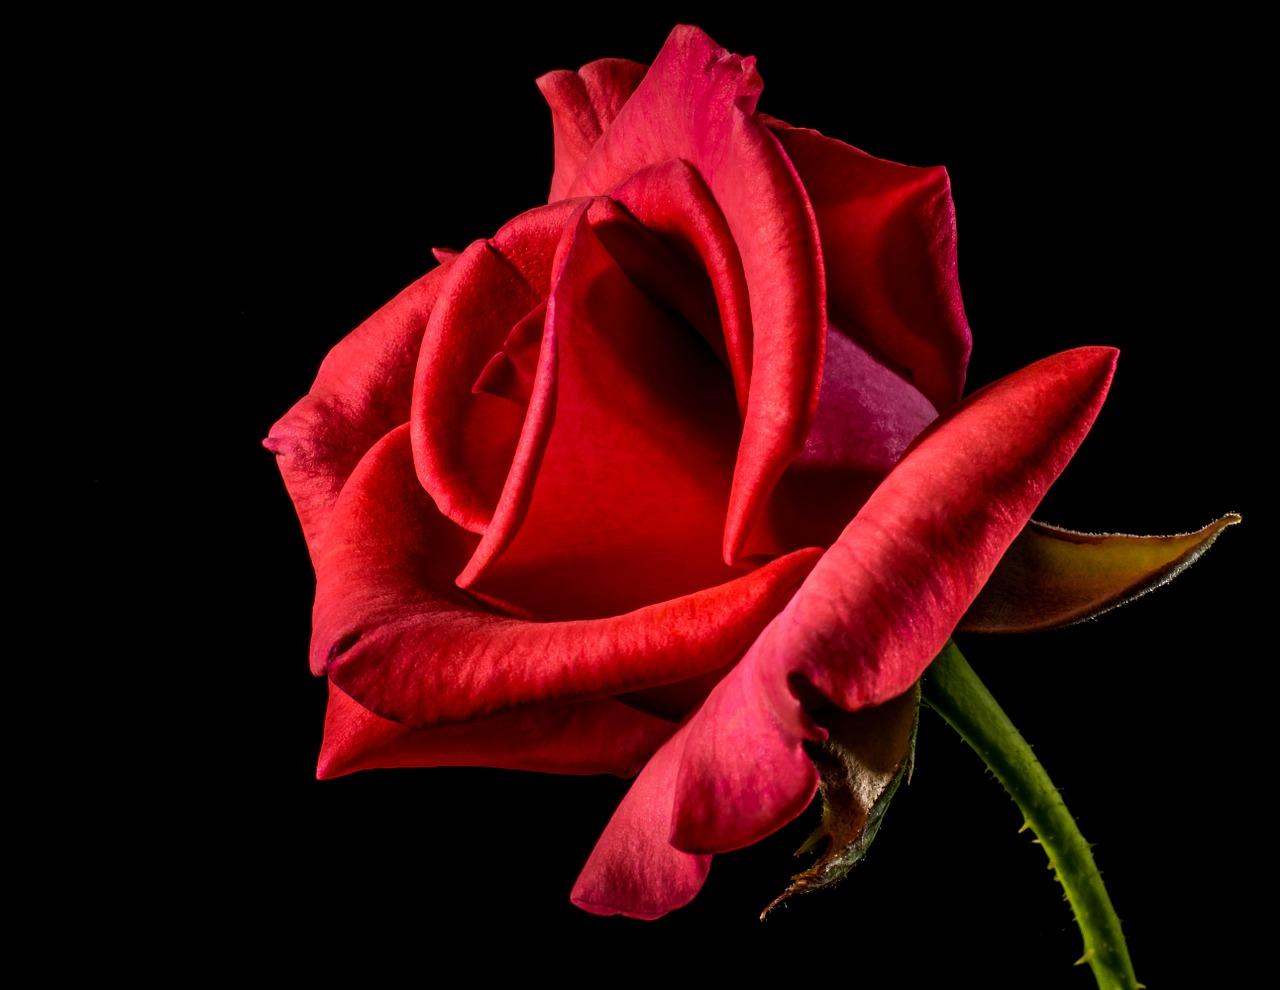 Rózsa, rózsával kapcsolatos szólások, közmondások és idézetek.